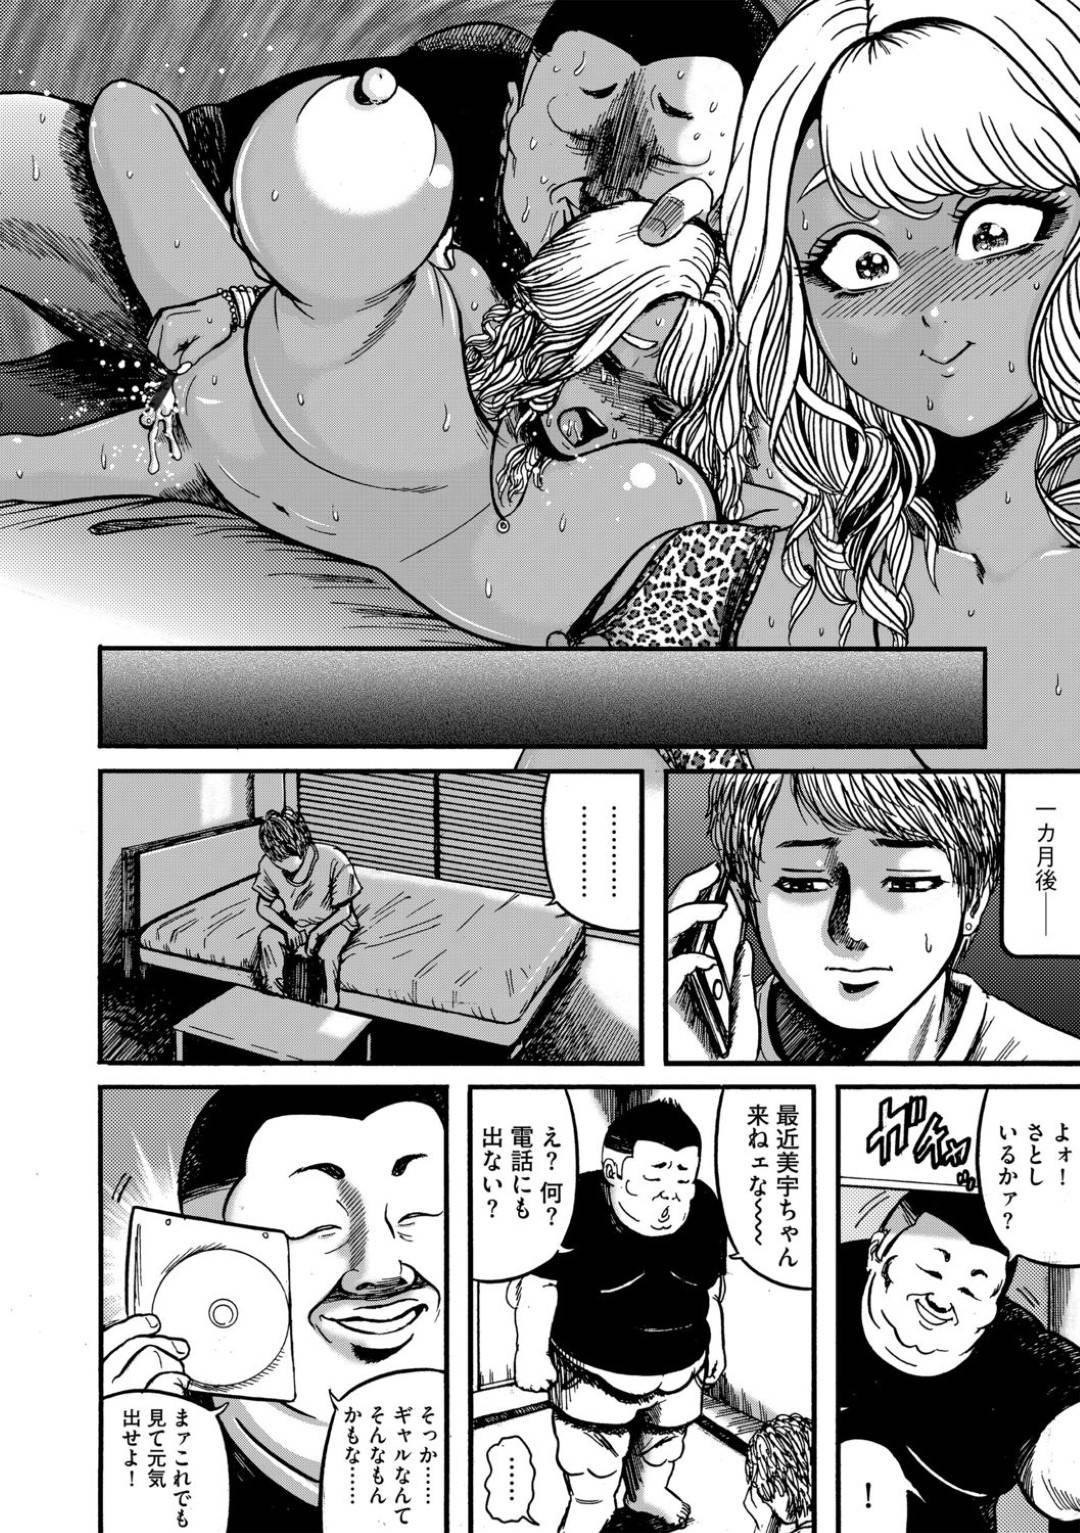 【エロ漫画】元力士の兄貴とNTRされたギャル彼女…弟である彼氏が寝ている間に鬼畜に手コキで襲われて快楽堕ちの調教されちゃう!【巻貝一ヶ:ギャル彼女が元力士の兄貴に】